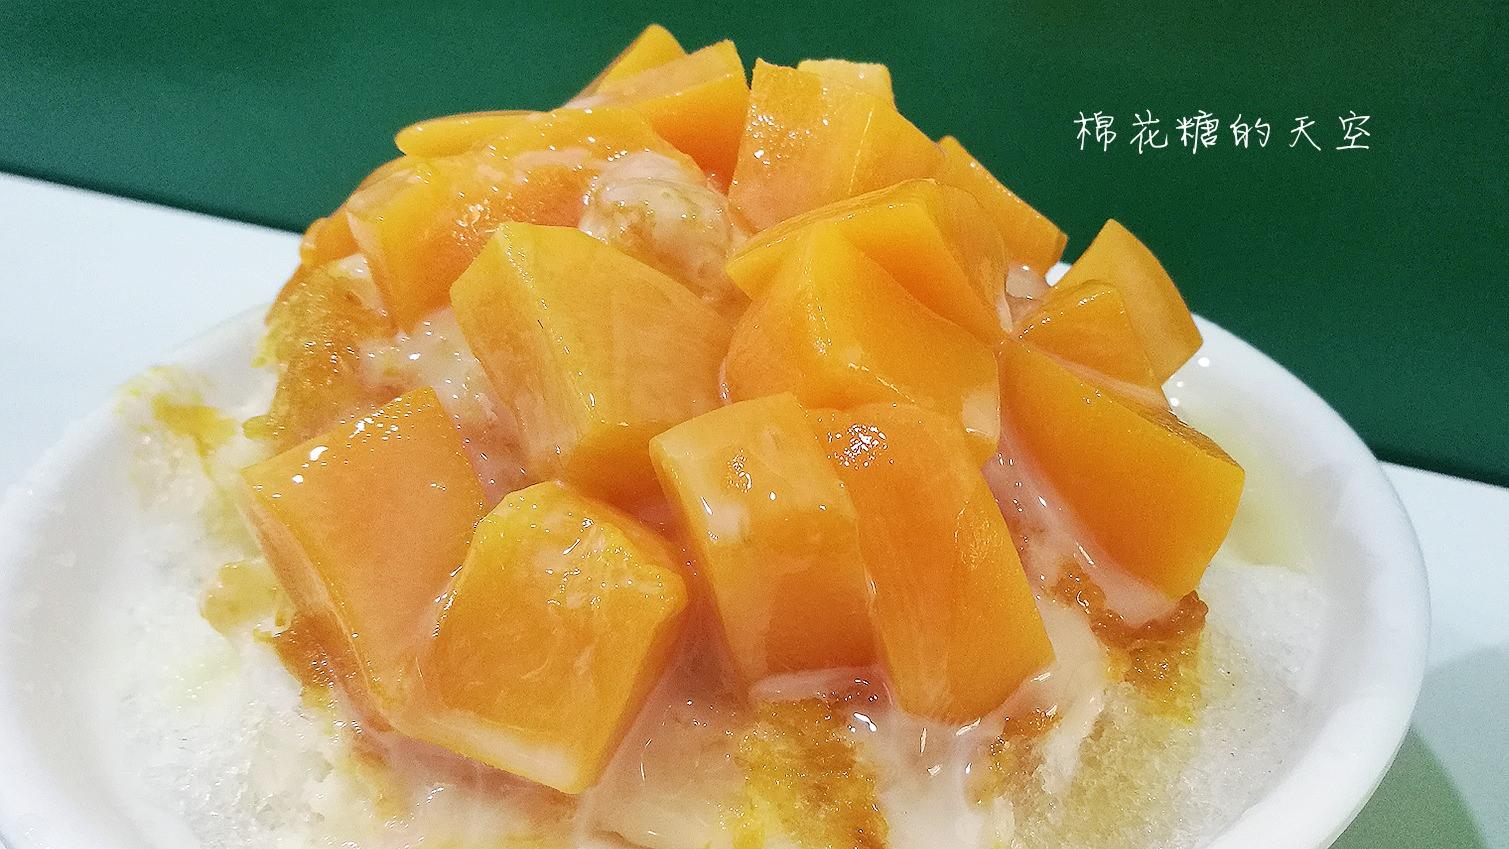 芒果冰開賣啦!一大碗芒果不用100!台中老牌點頭冰一年只賣七個月唷!